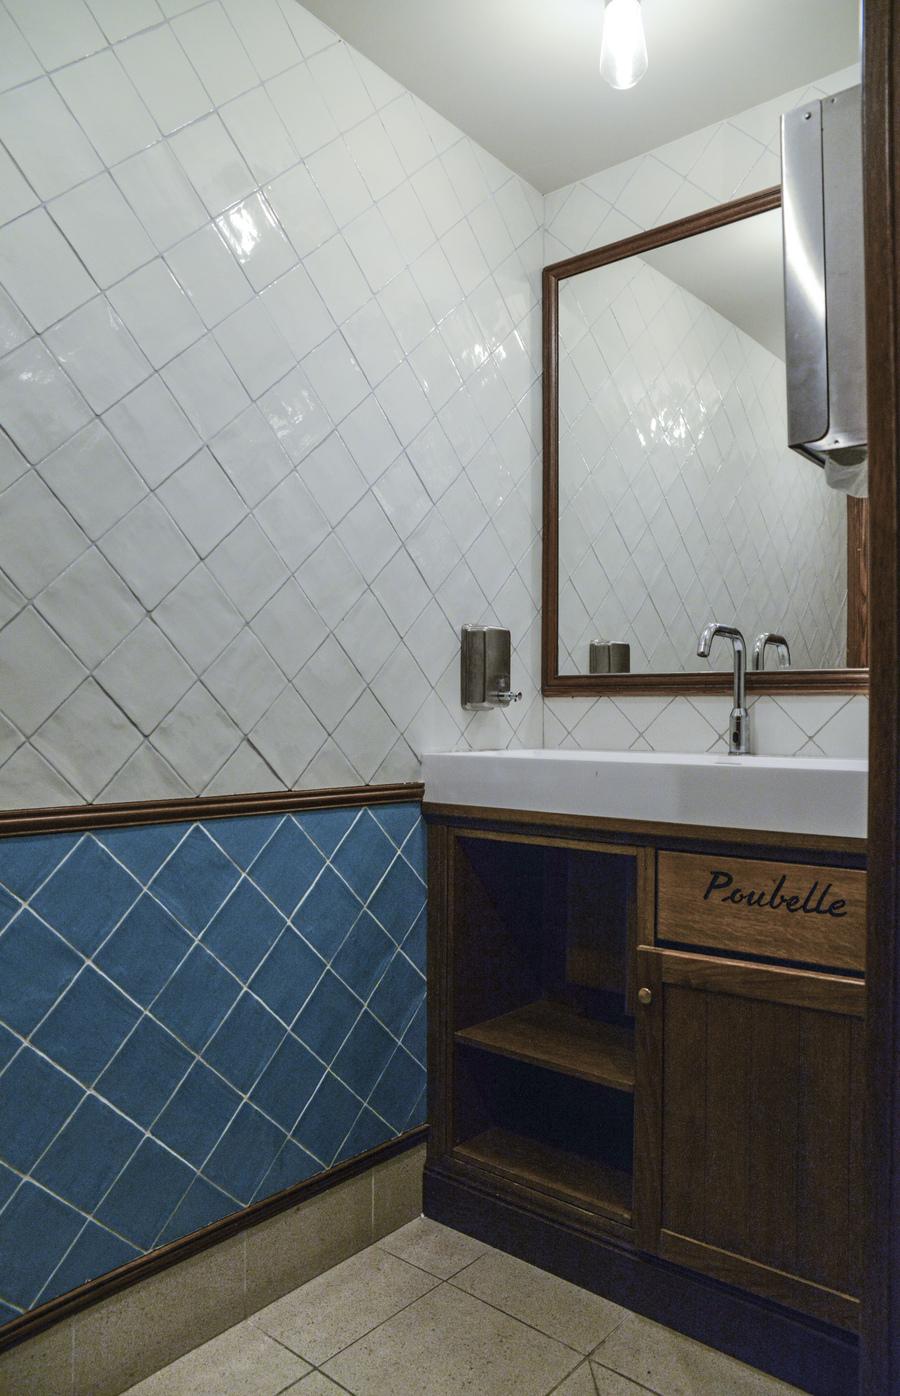 Le Studio Emma Roux een collaboration avec Christopher Matignon Architecte d'intérieur ont participé aux travaux de rénovation du restaurant Le Chalet à Paris. Toilettes